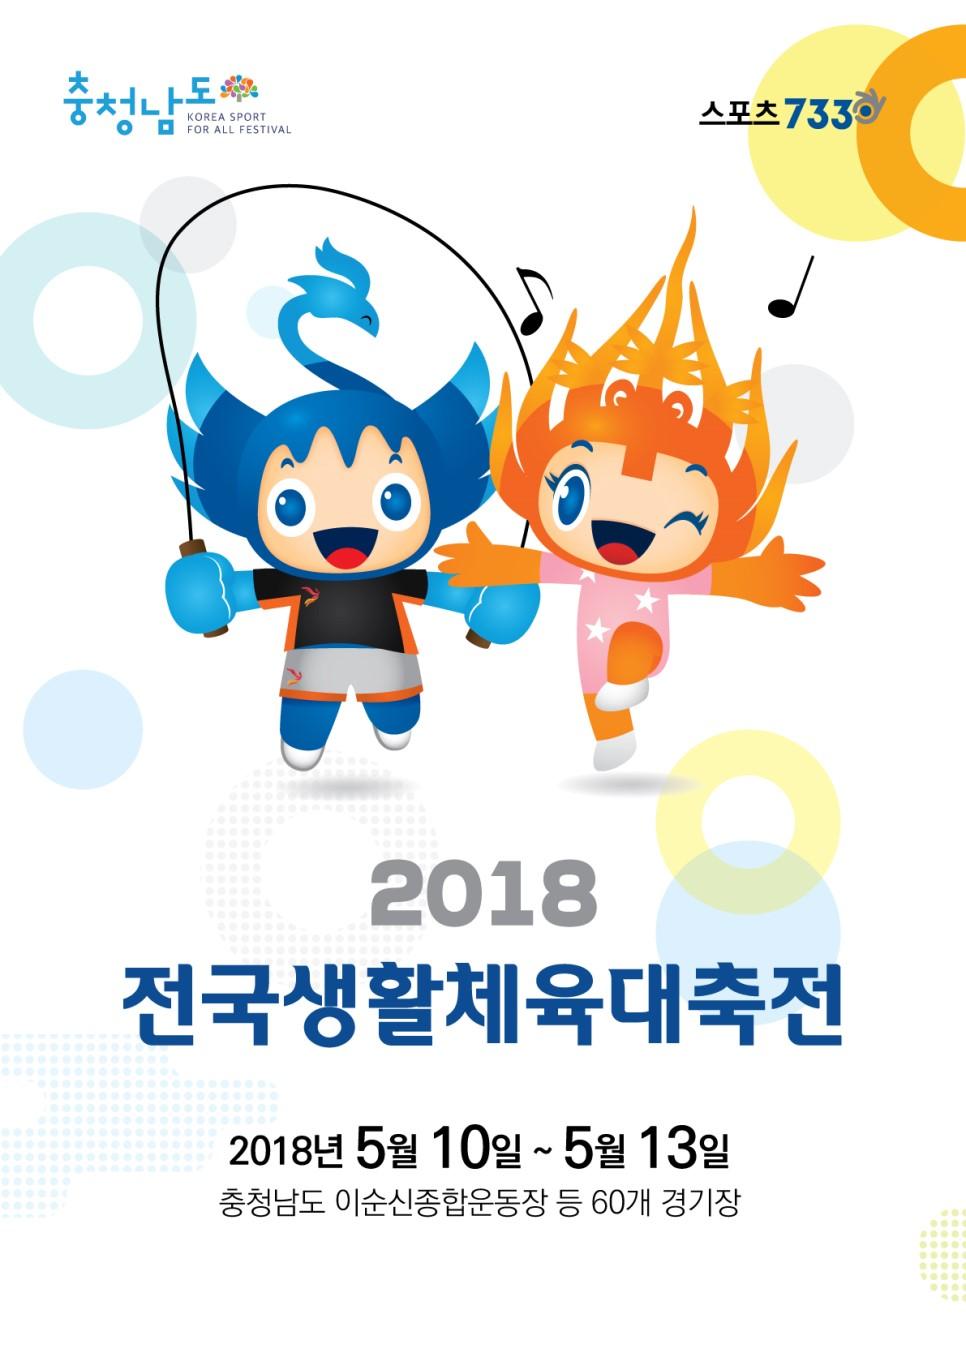 당구 동호인 대축제 '전국생활체육대축전'